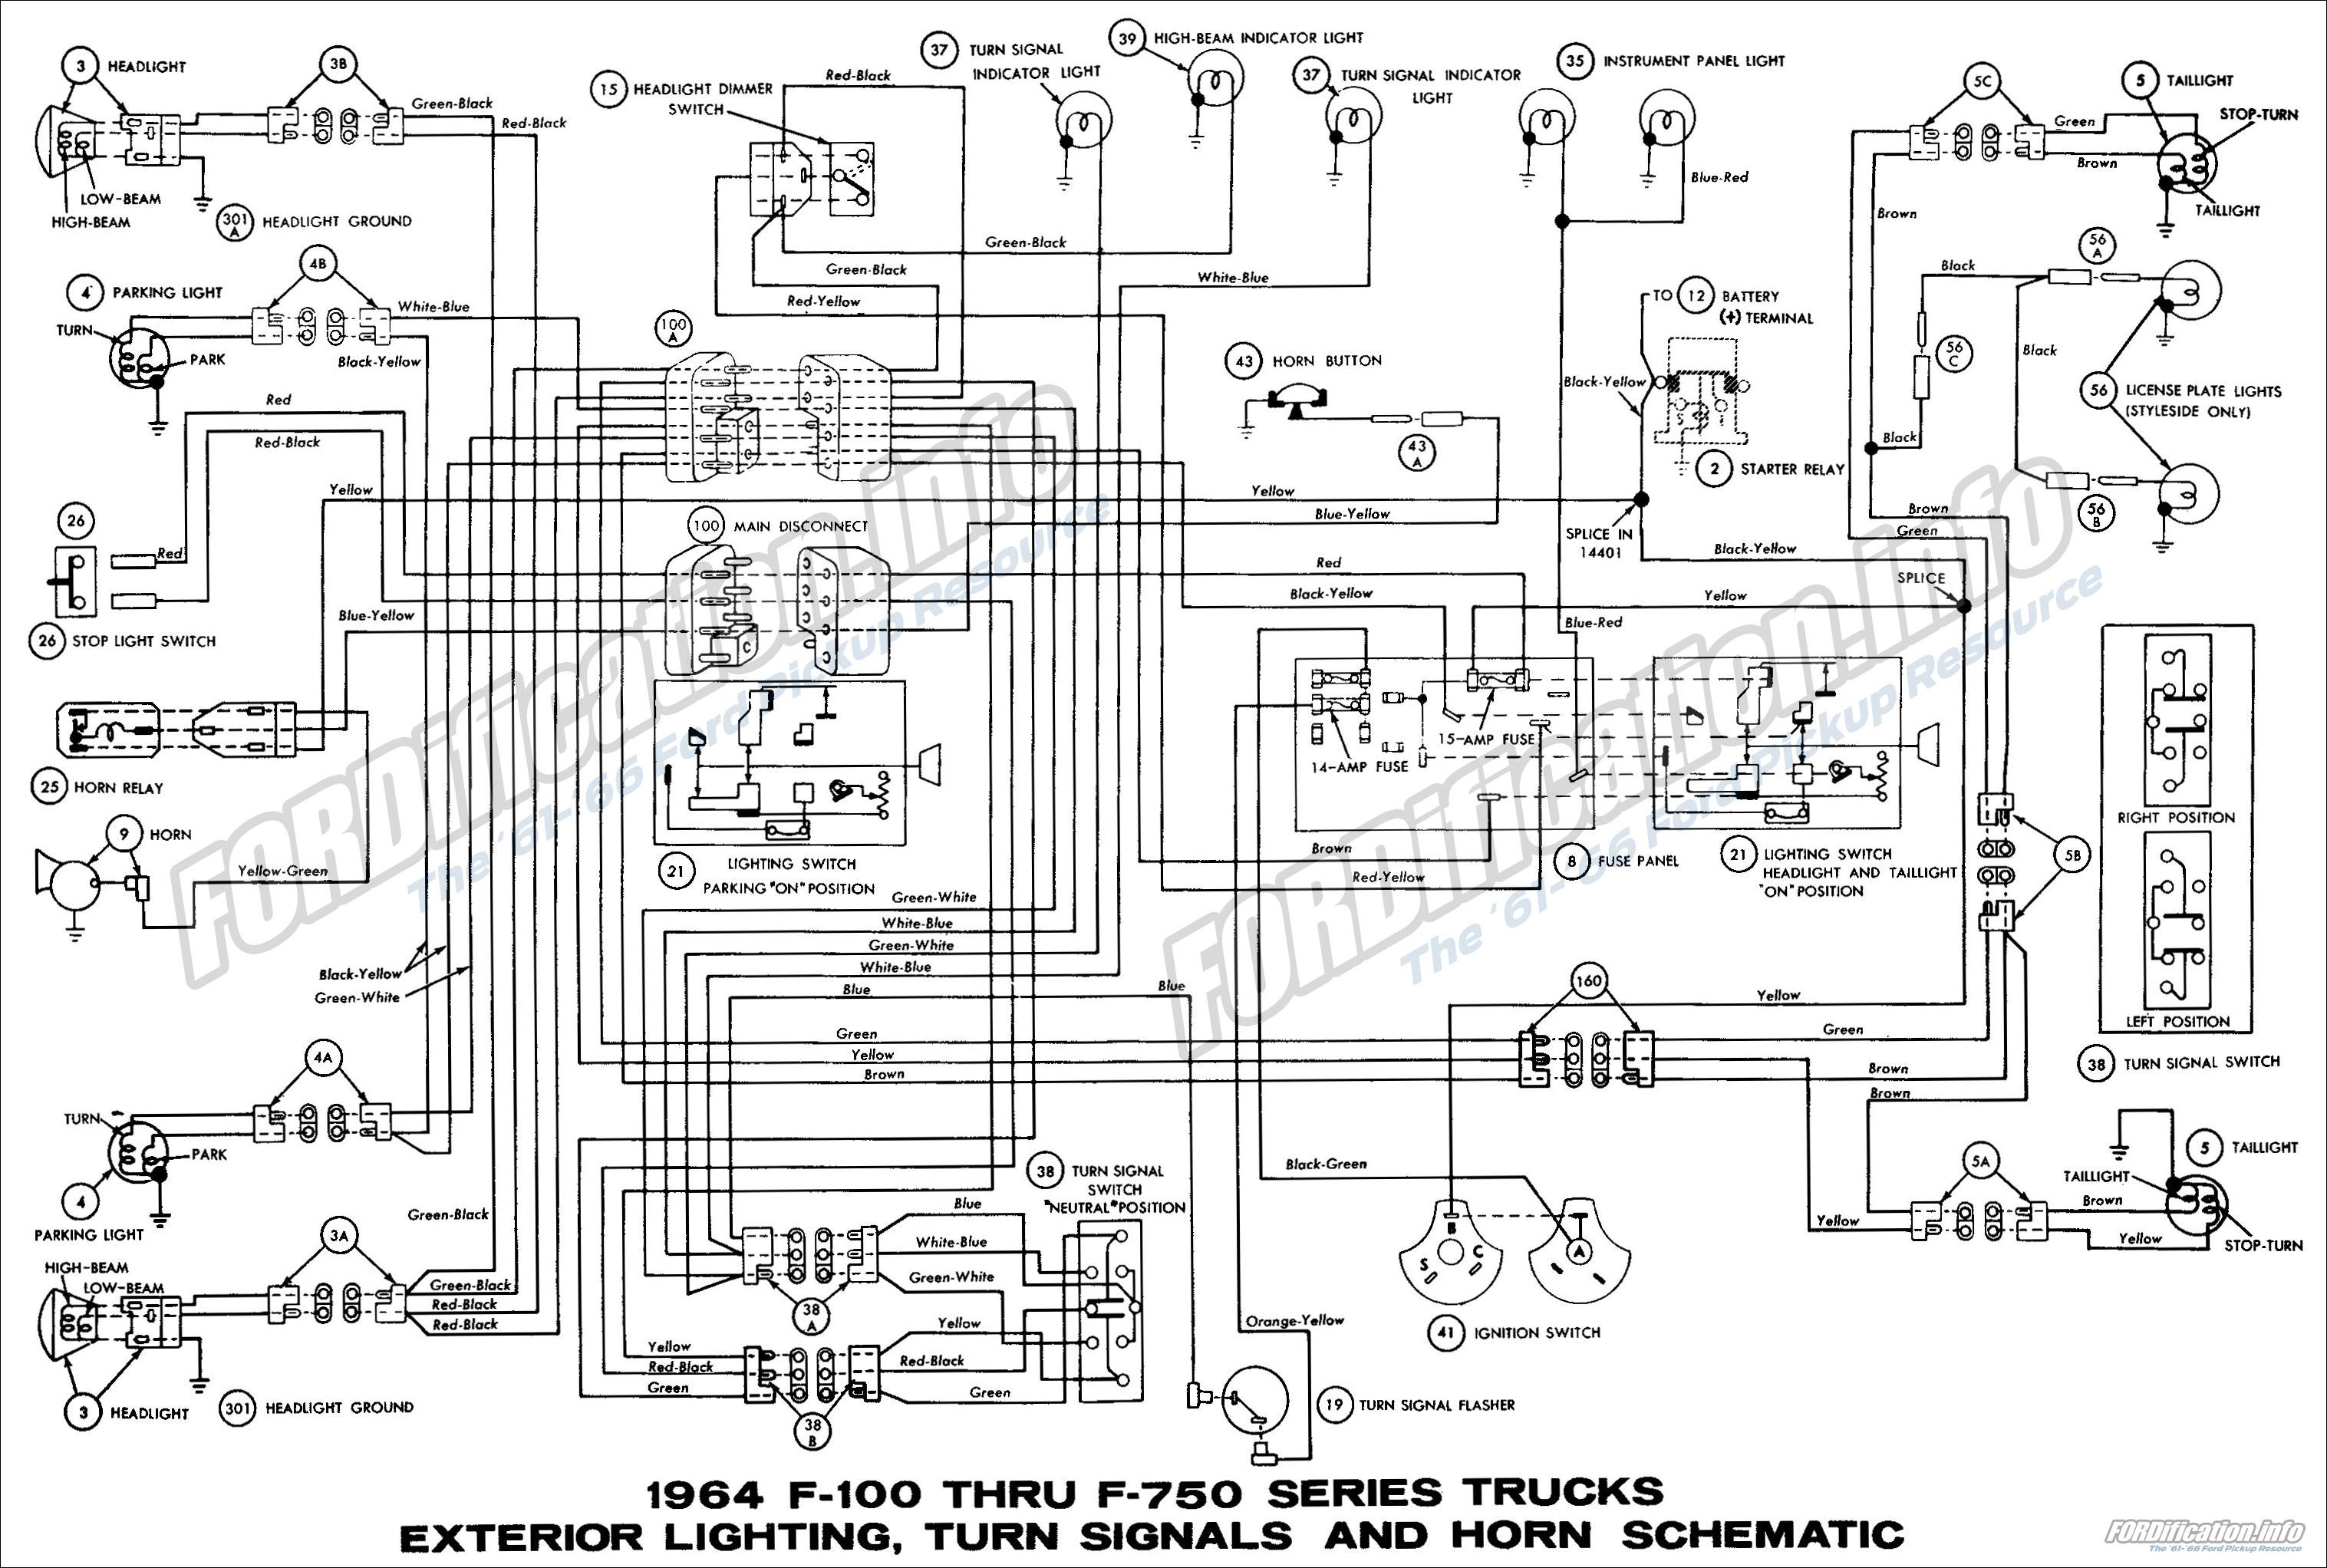 Groovy 67 Ford Wiring Diagram Wiring Diagram Database Wiring Cloud Uslyletkolfr09Org